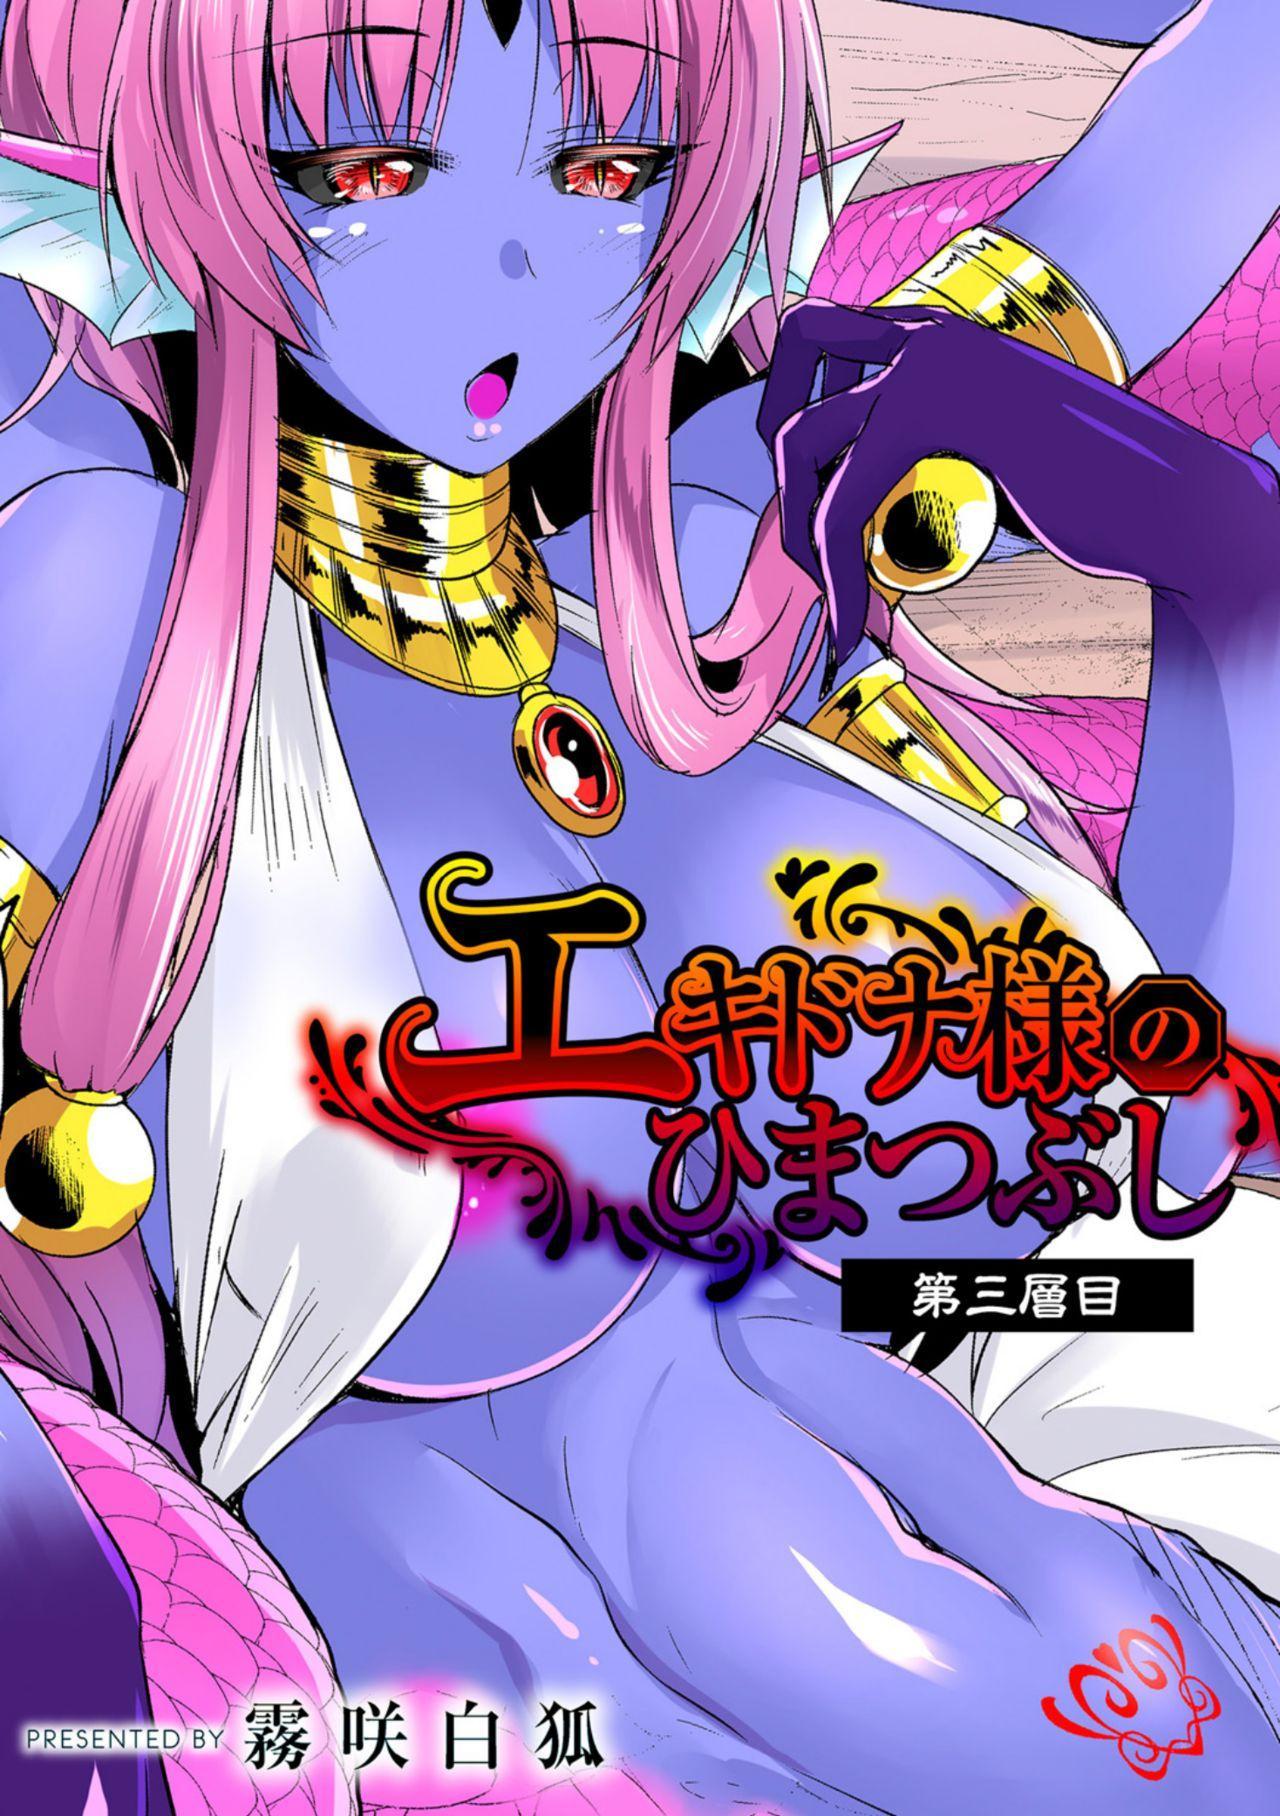 Echidna-sama no Himatsubushi Dai San Soume 0